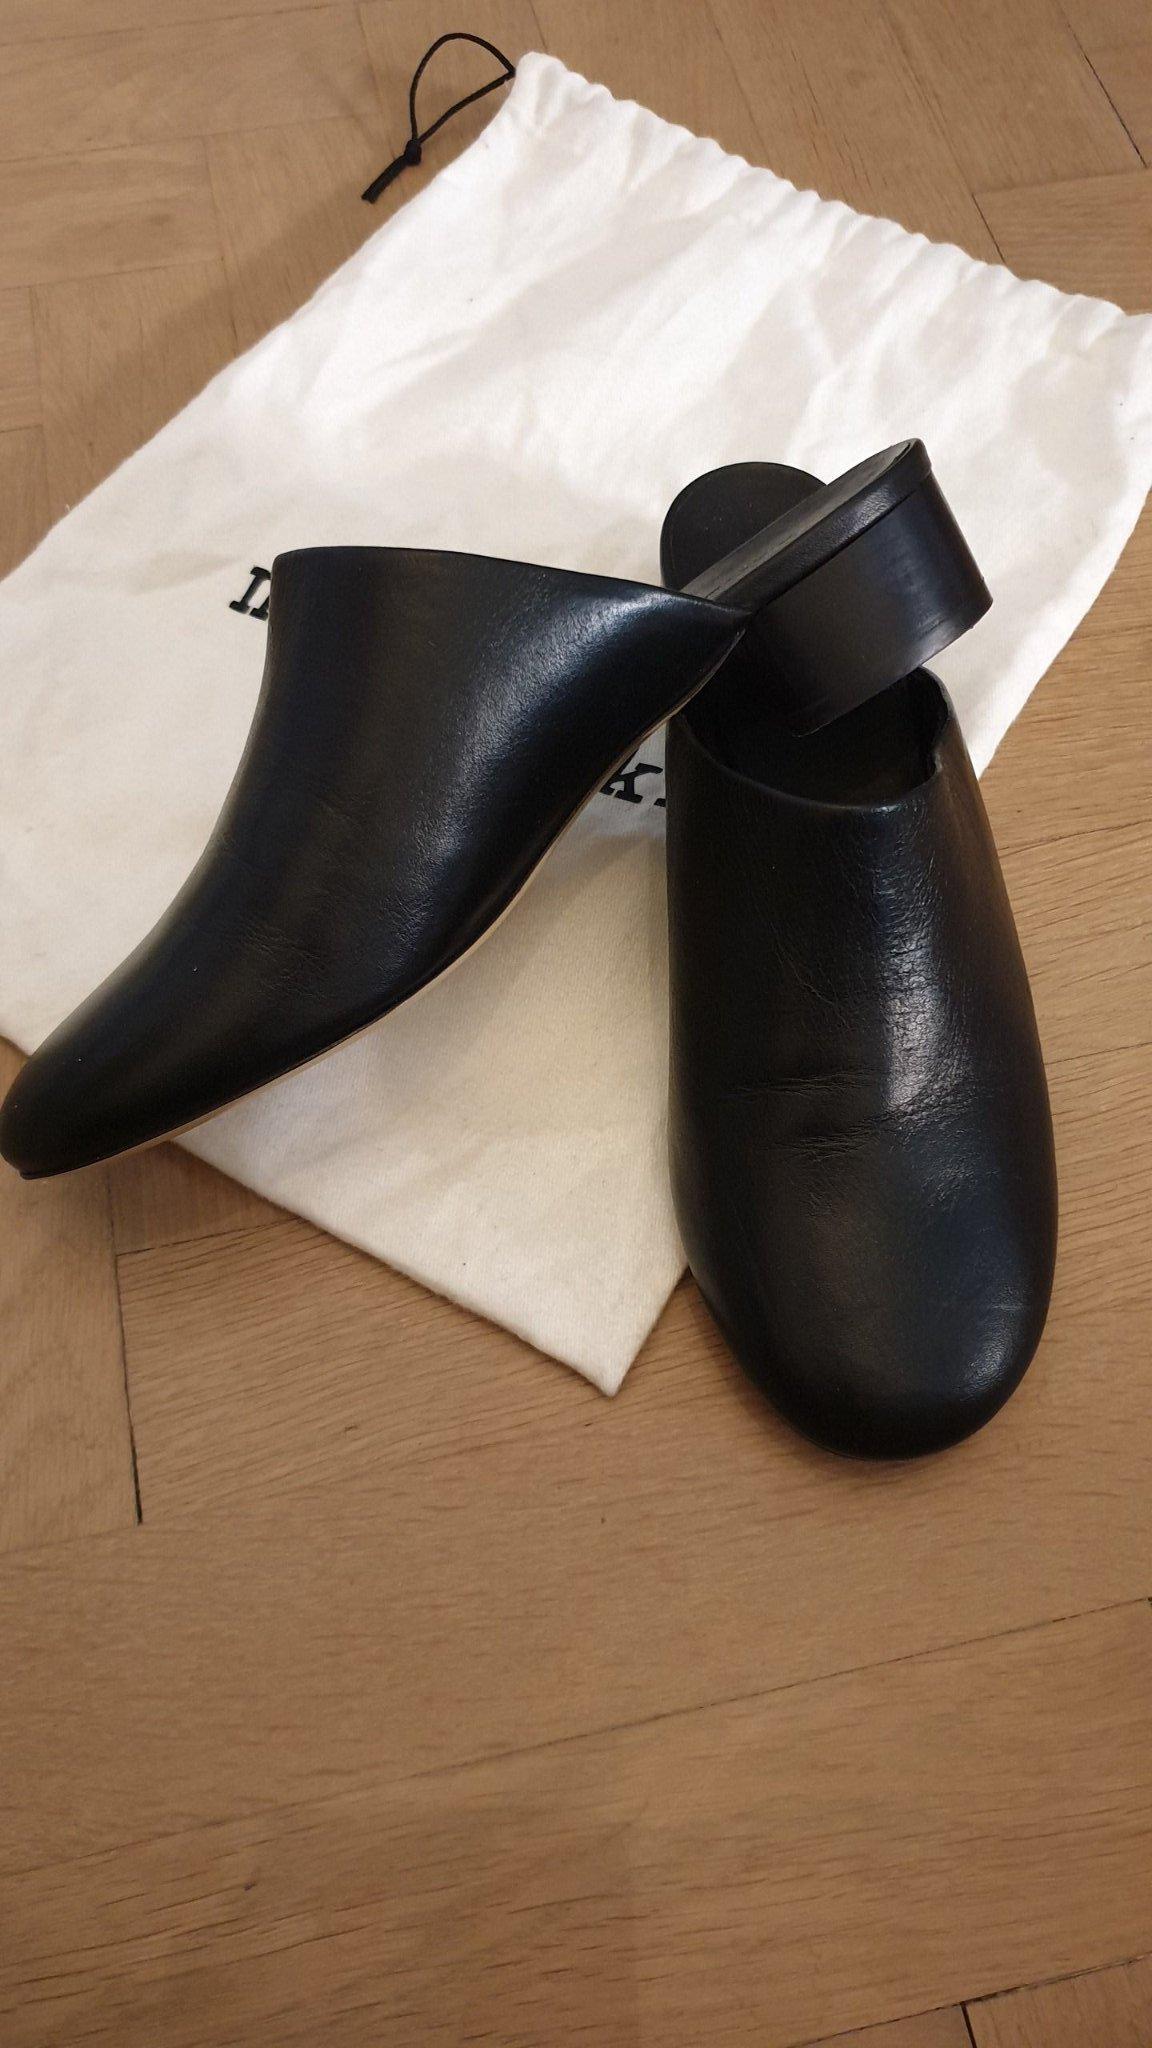 Marimekko sko slip in skinn svart 37 (351905260) ᐈ Köp på